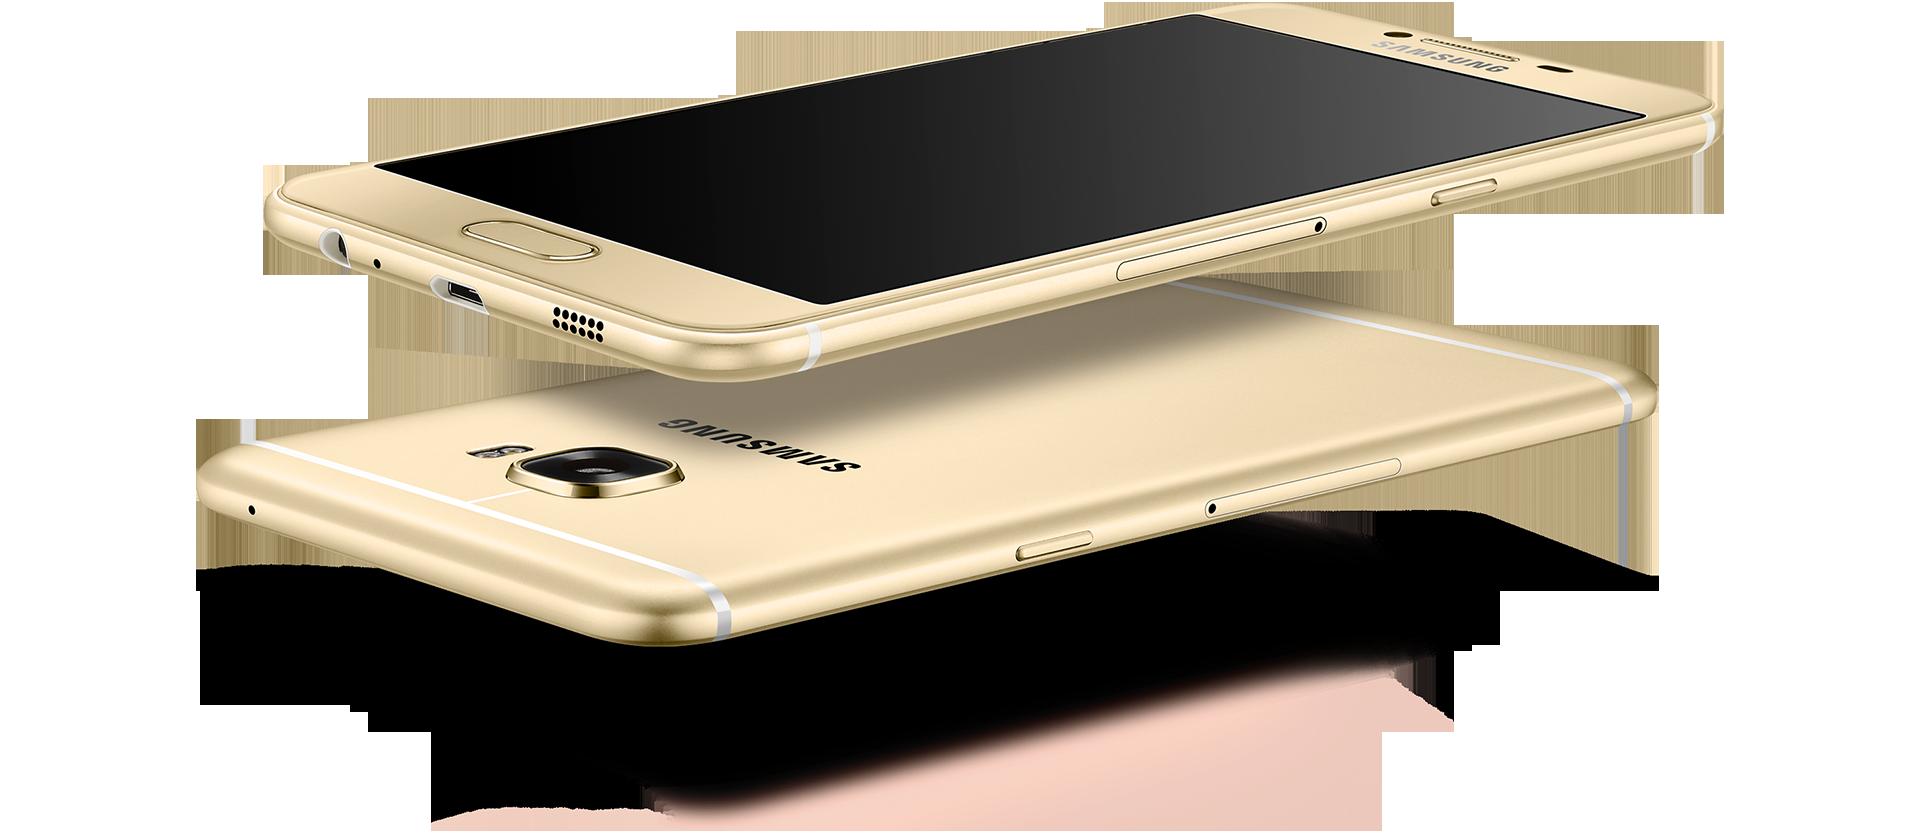 بازهم اطلاعات گوشی Galaxy C5 Pro توسط TENAA فاش شد